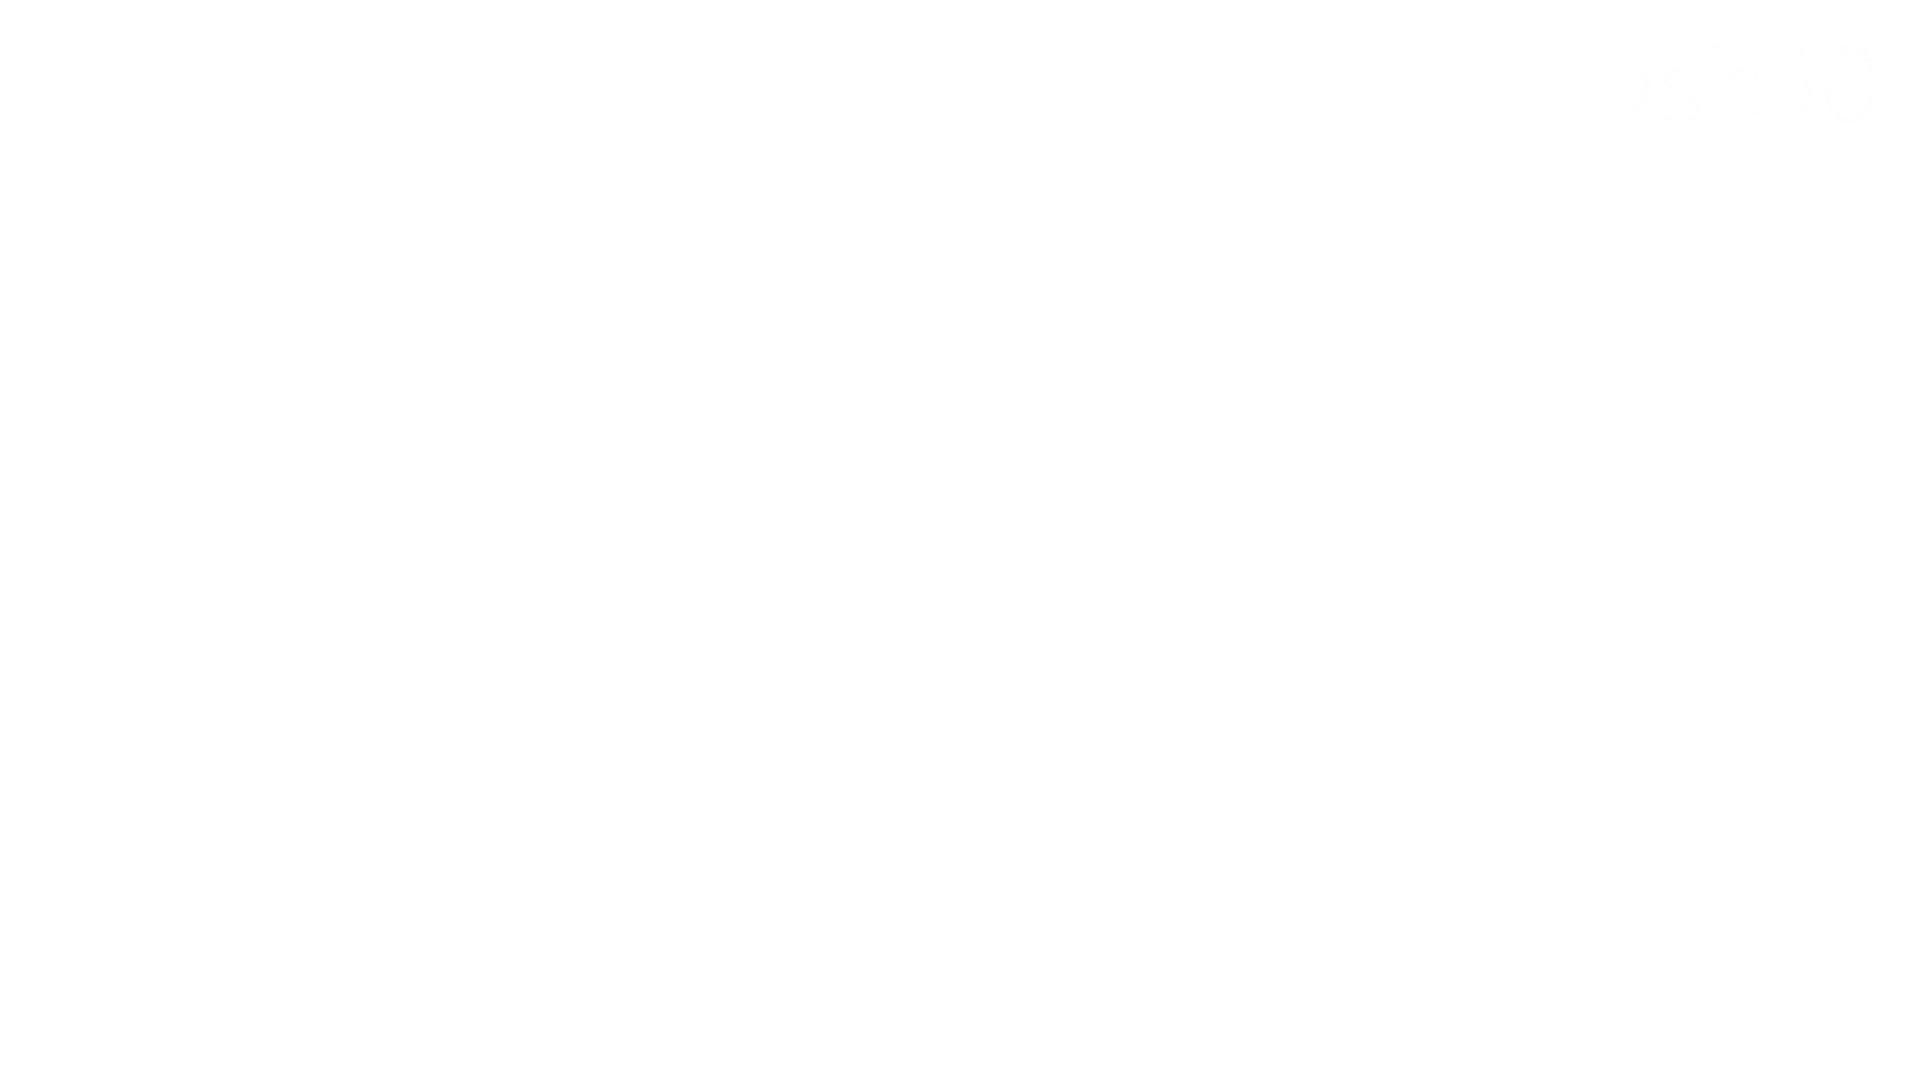 ▲復活限定▲ハイビジョン 盗神伝 Vol.30 ギャルズ スケベ動画紹介 47画像 2